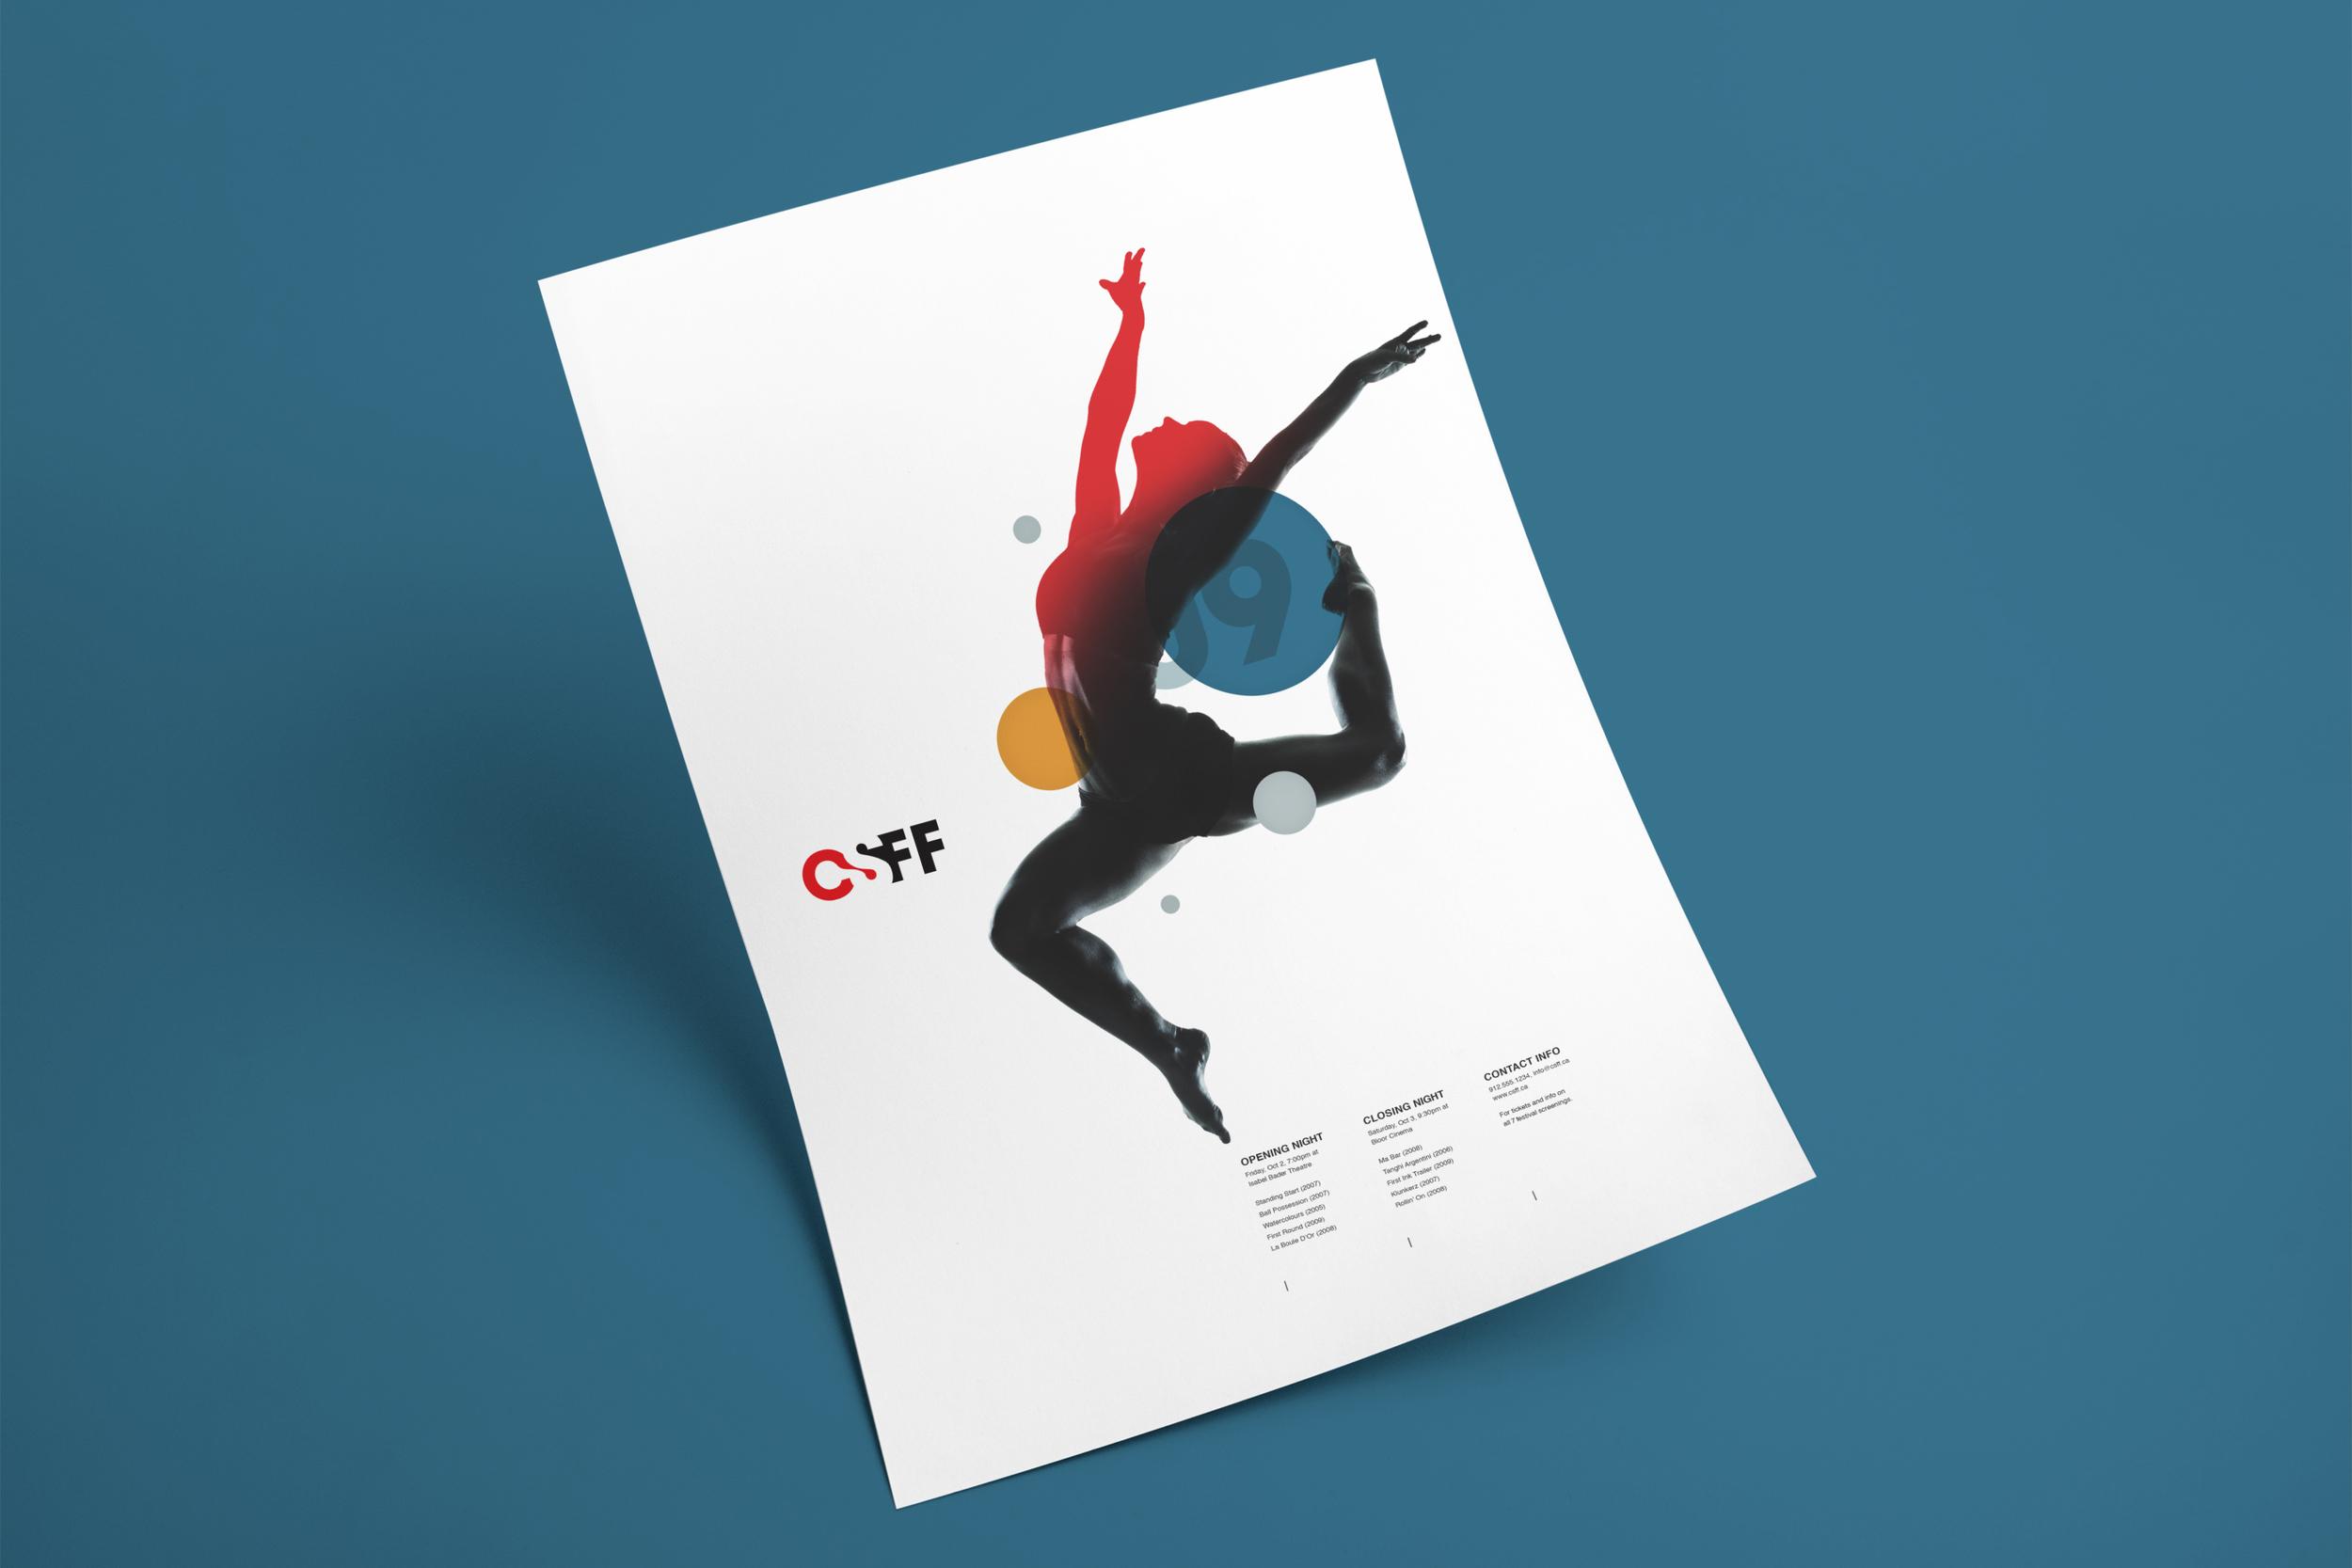 CSFF_Print_A_01.jpg